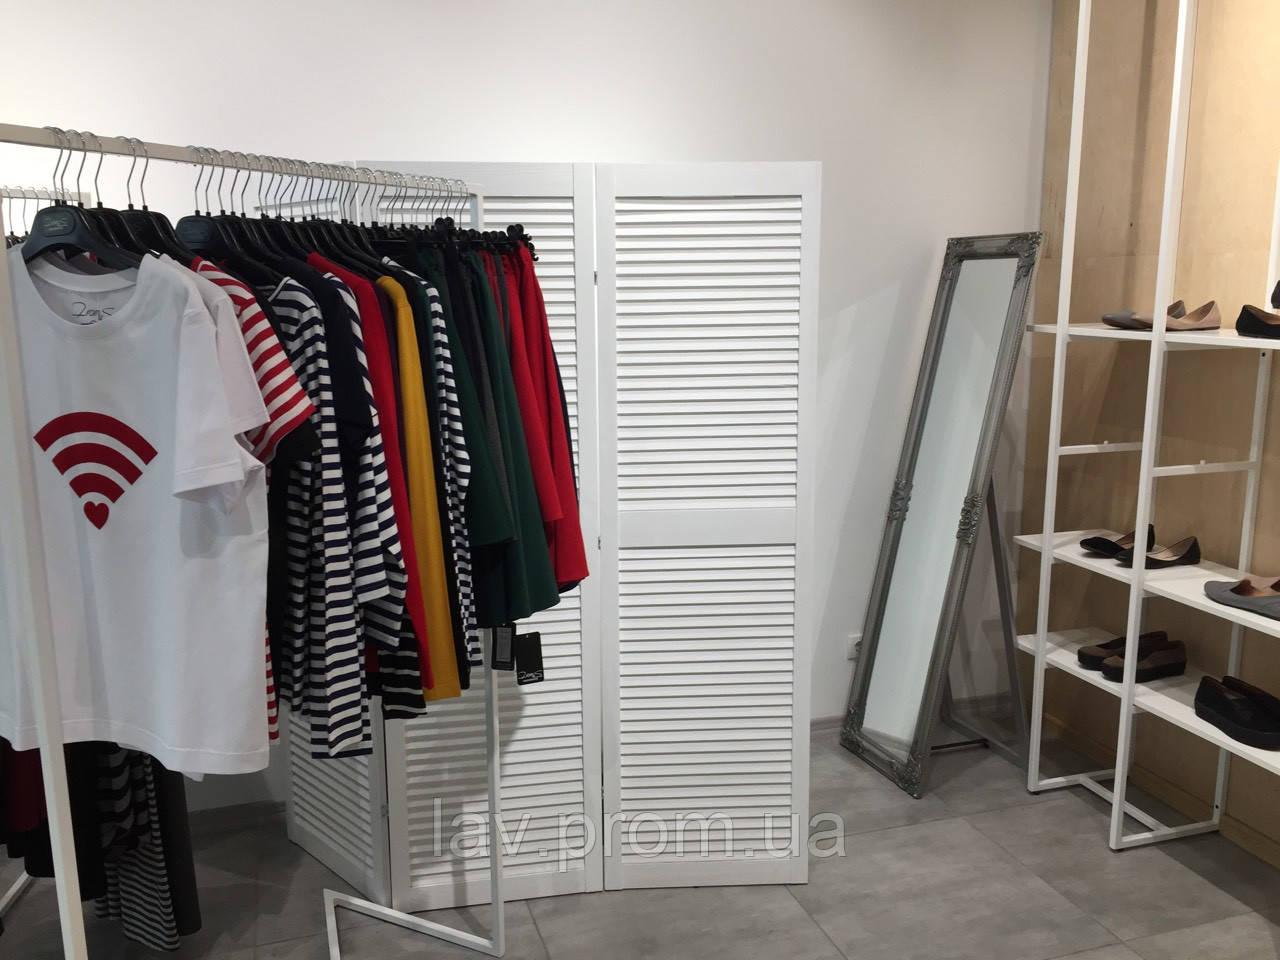 fbee1c782ec02 Деревянная ширма-перегородка для магазинов одежды. - Ширма на заказ в Киевской  области